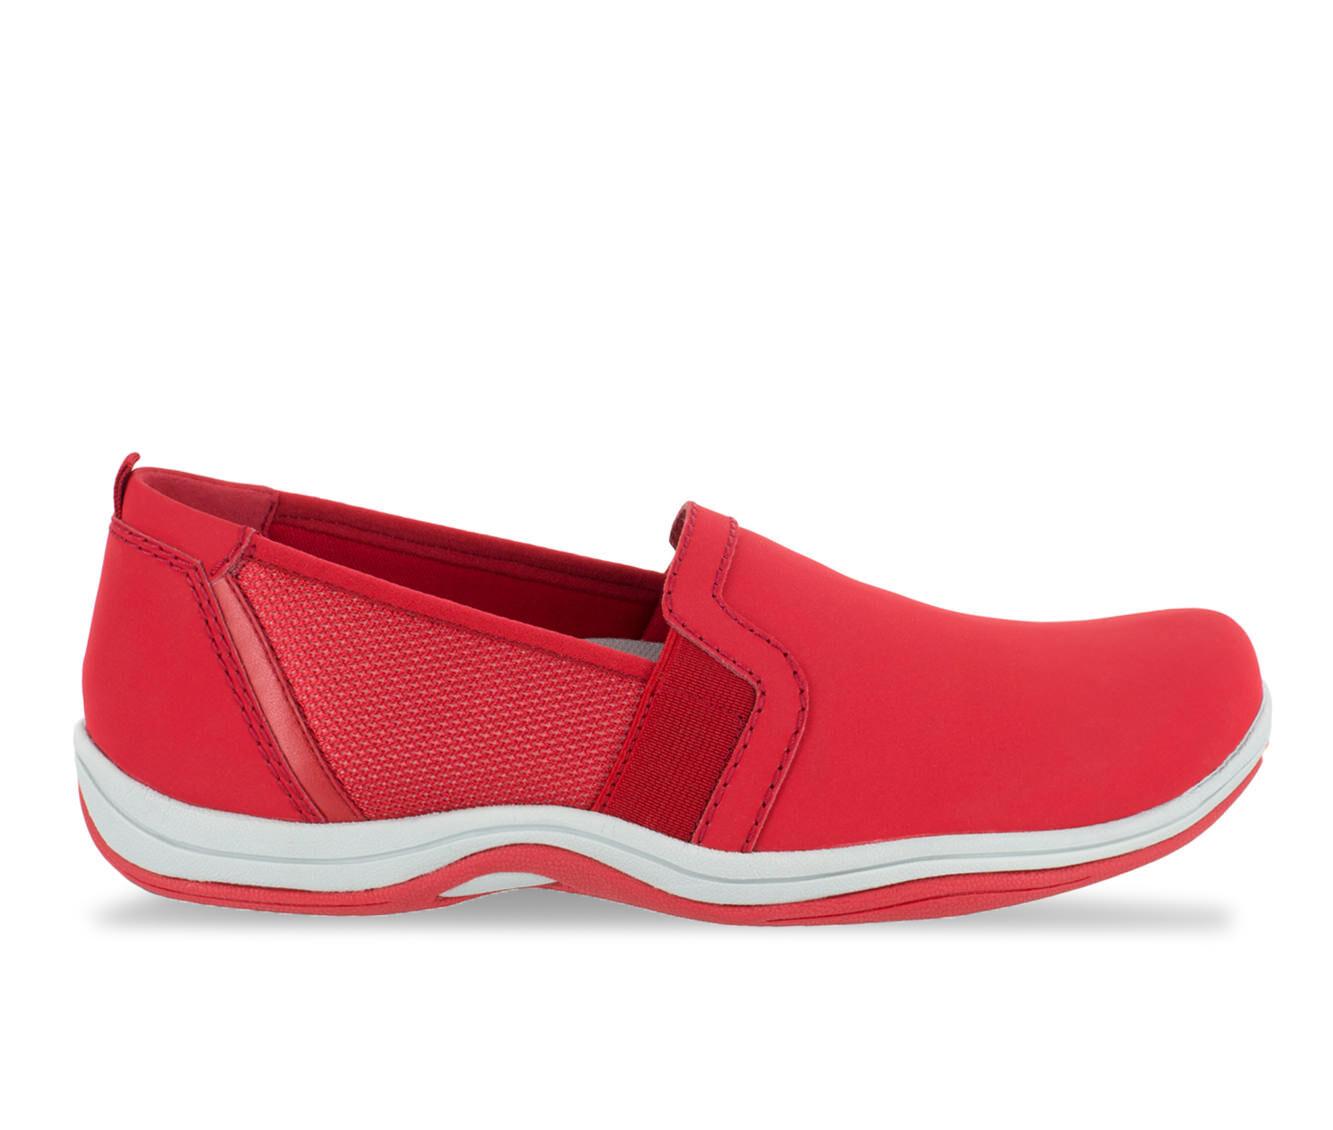 Women's Easy Street Mollie Slip-Ons Red Lea/Mesh